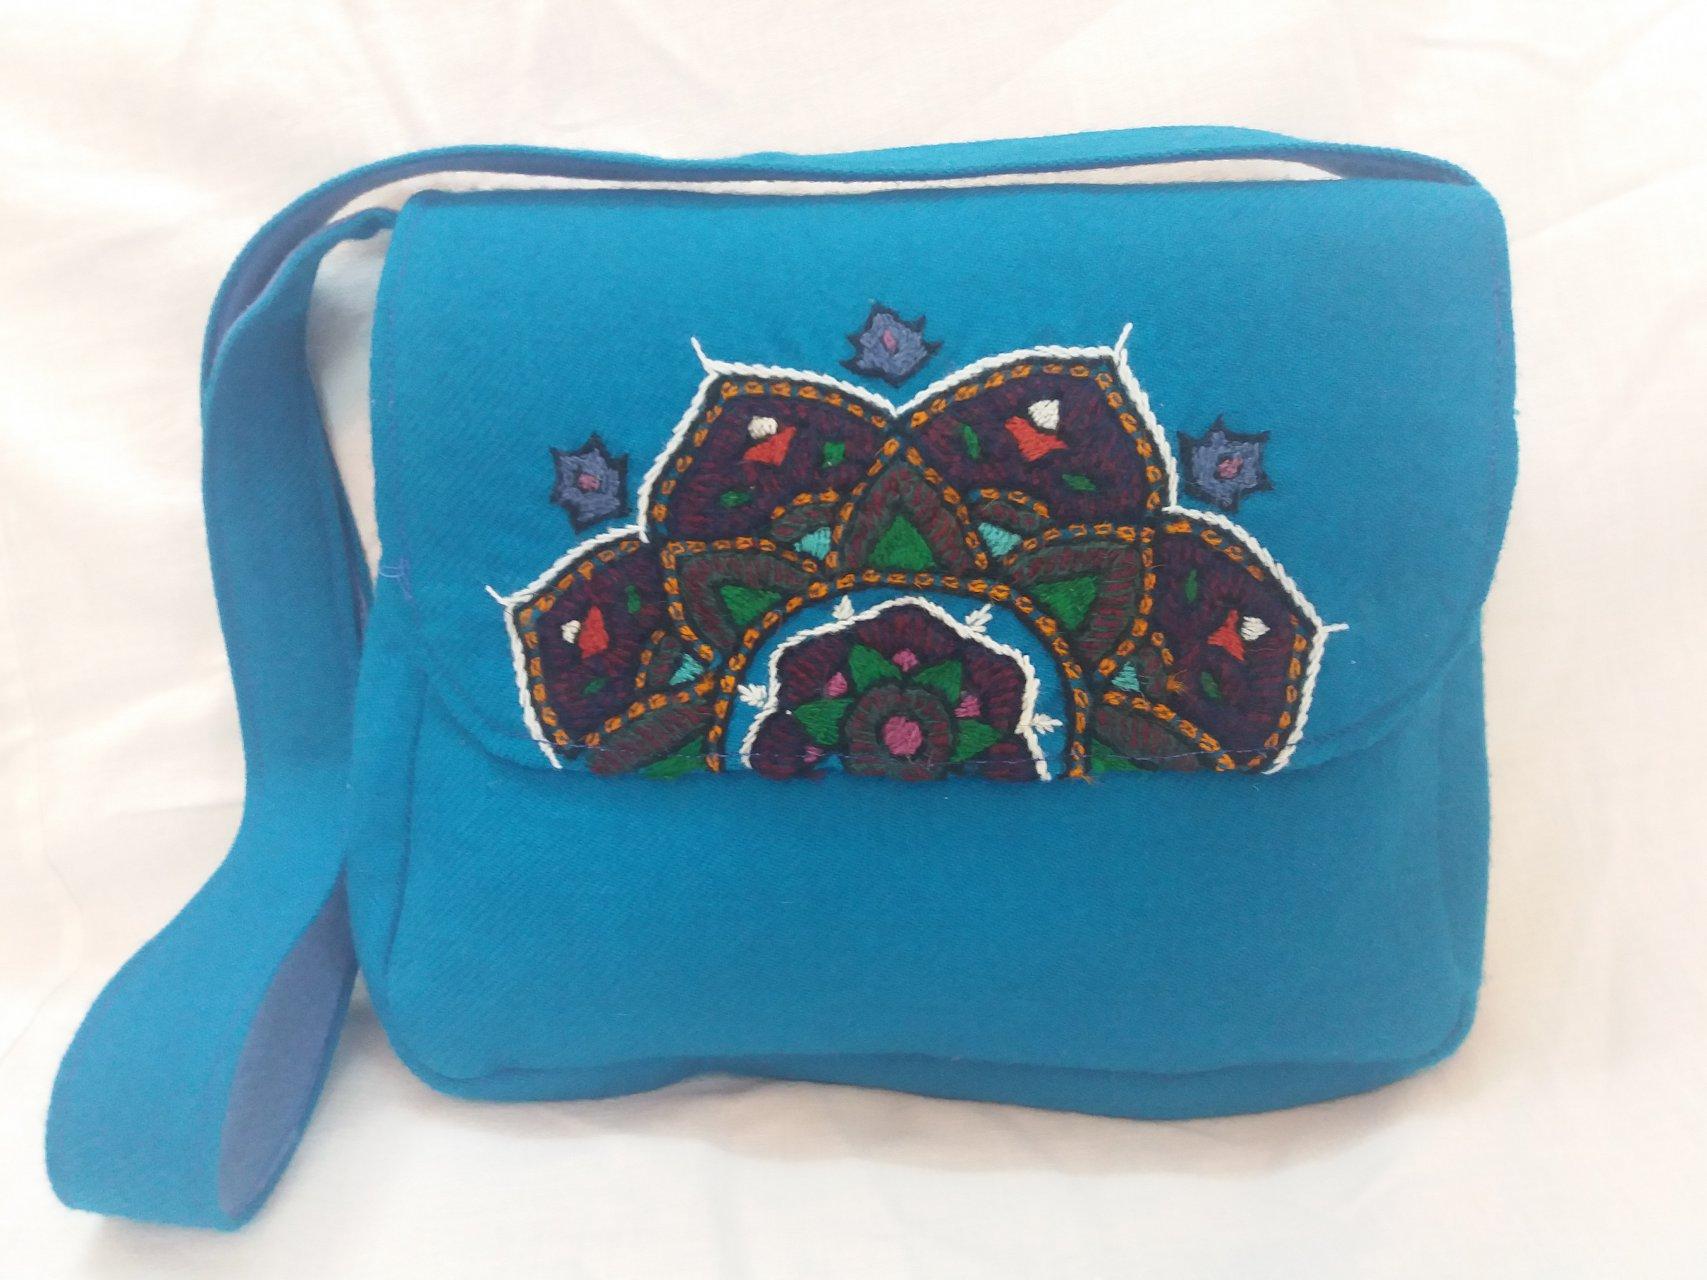 کیف زنانه رنگ آبی پته طرح ترنج